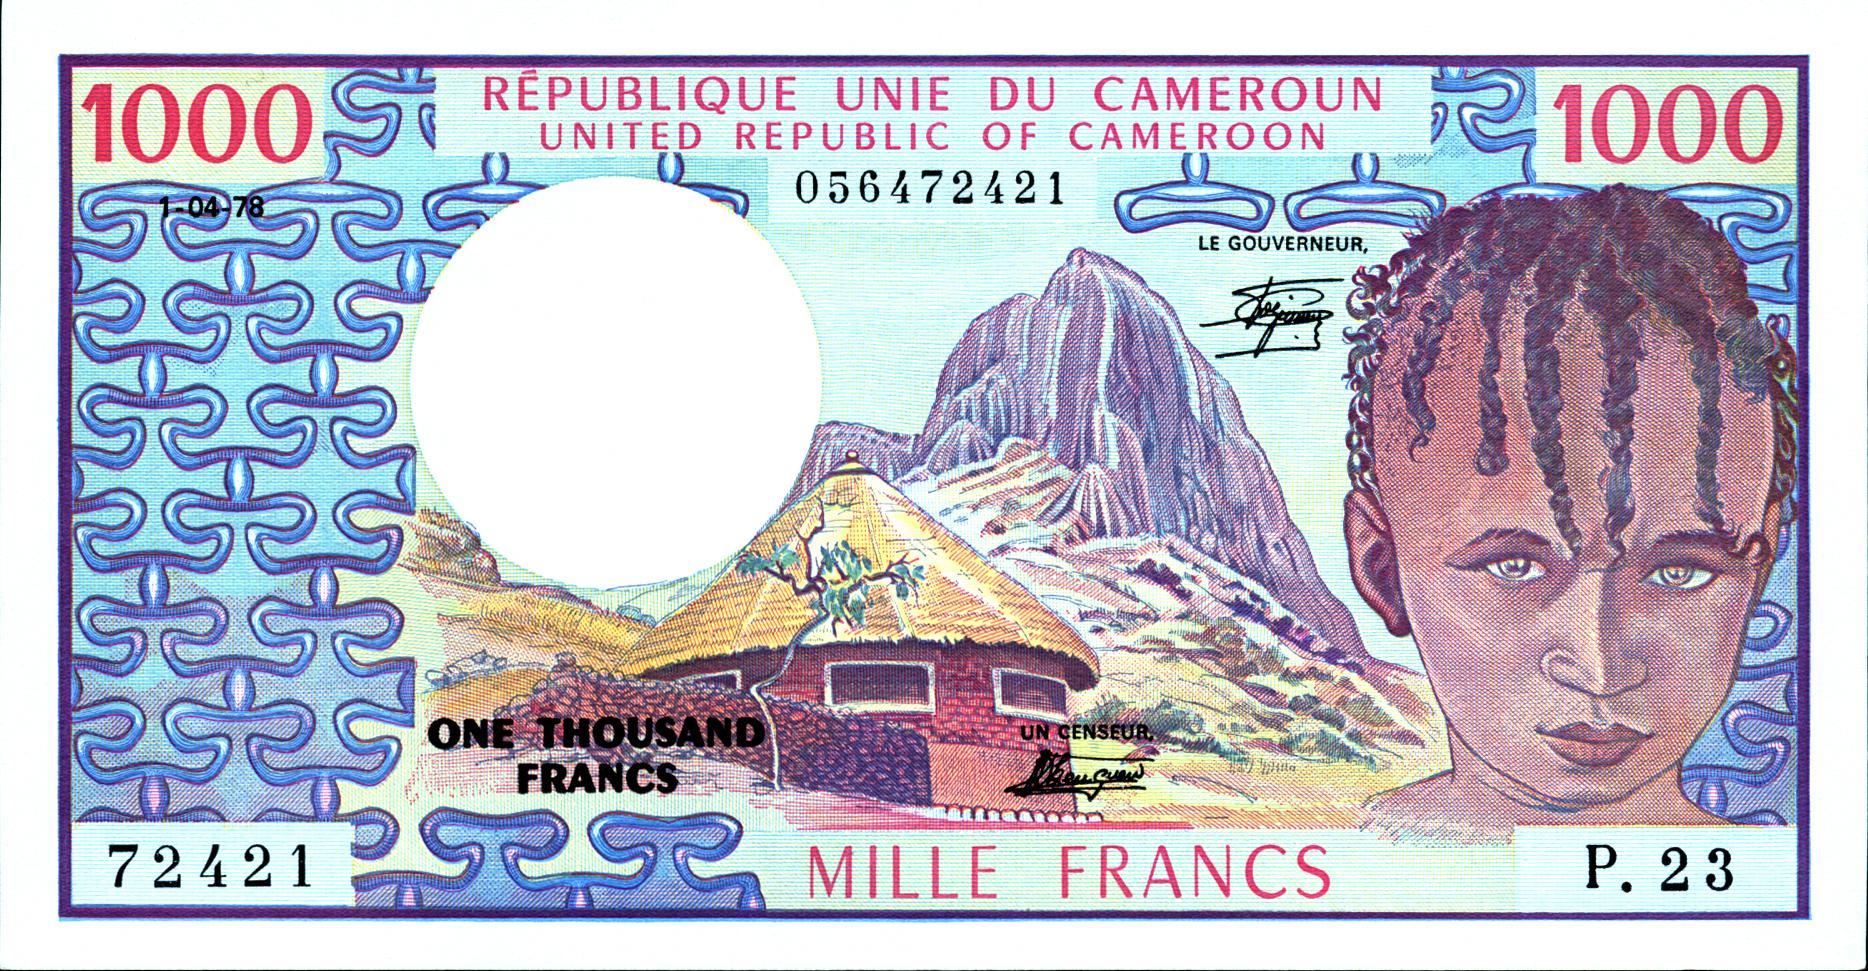 Currencies Of The African Diaspora  Cameroon  HBCU Money